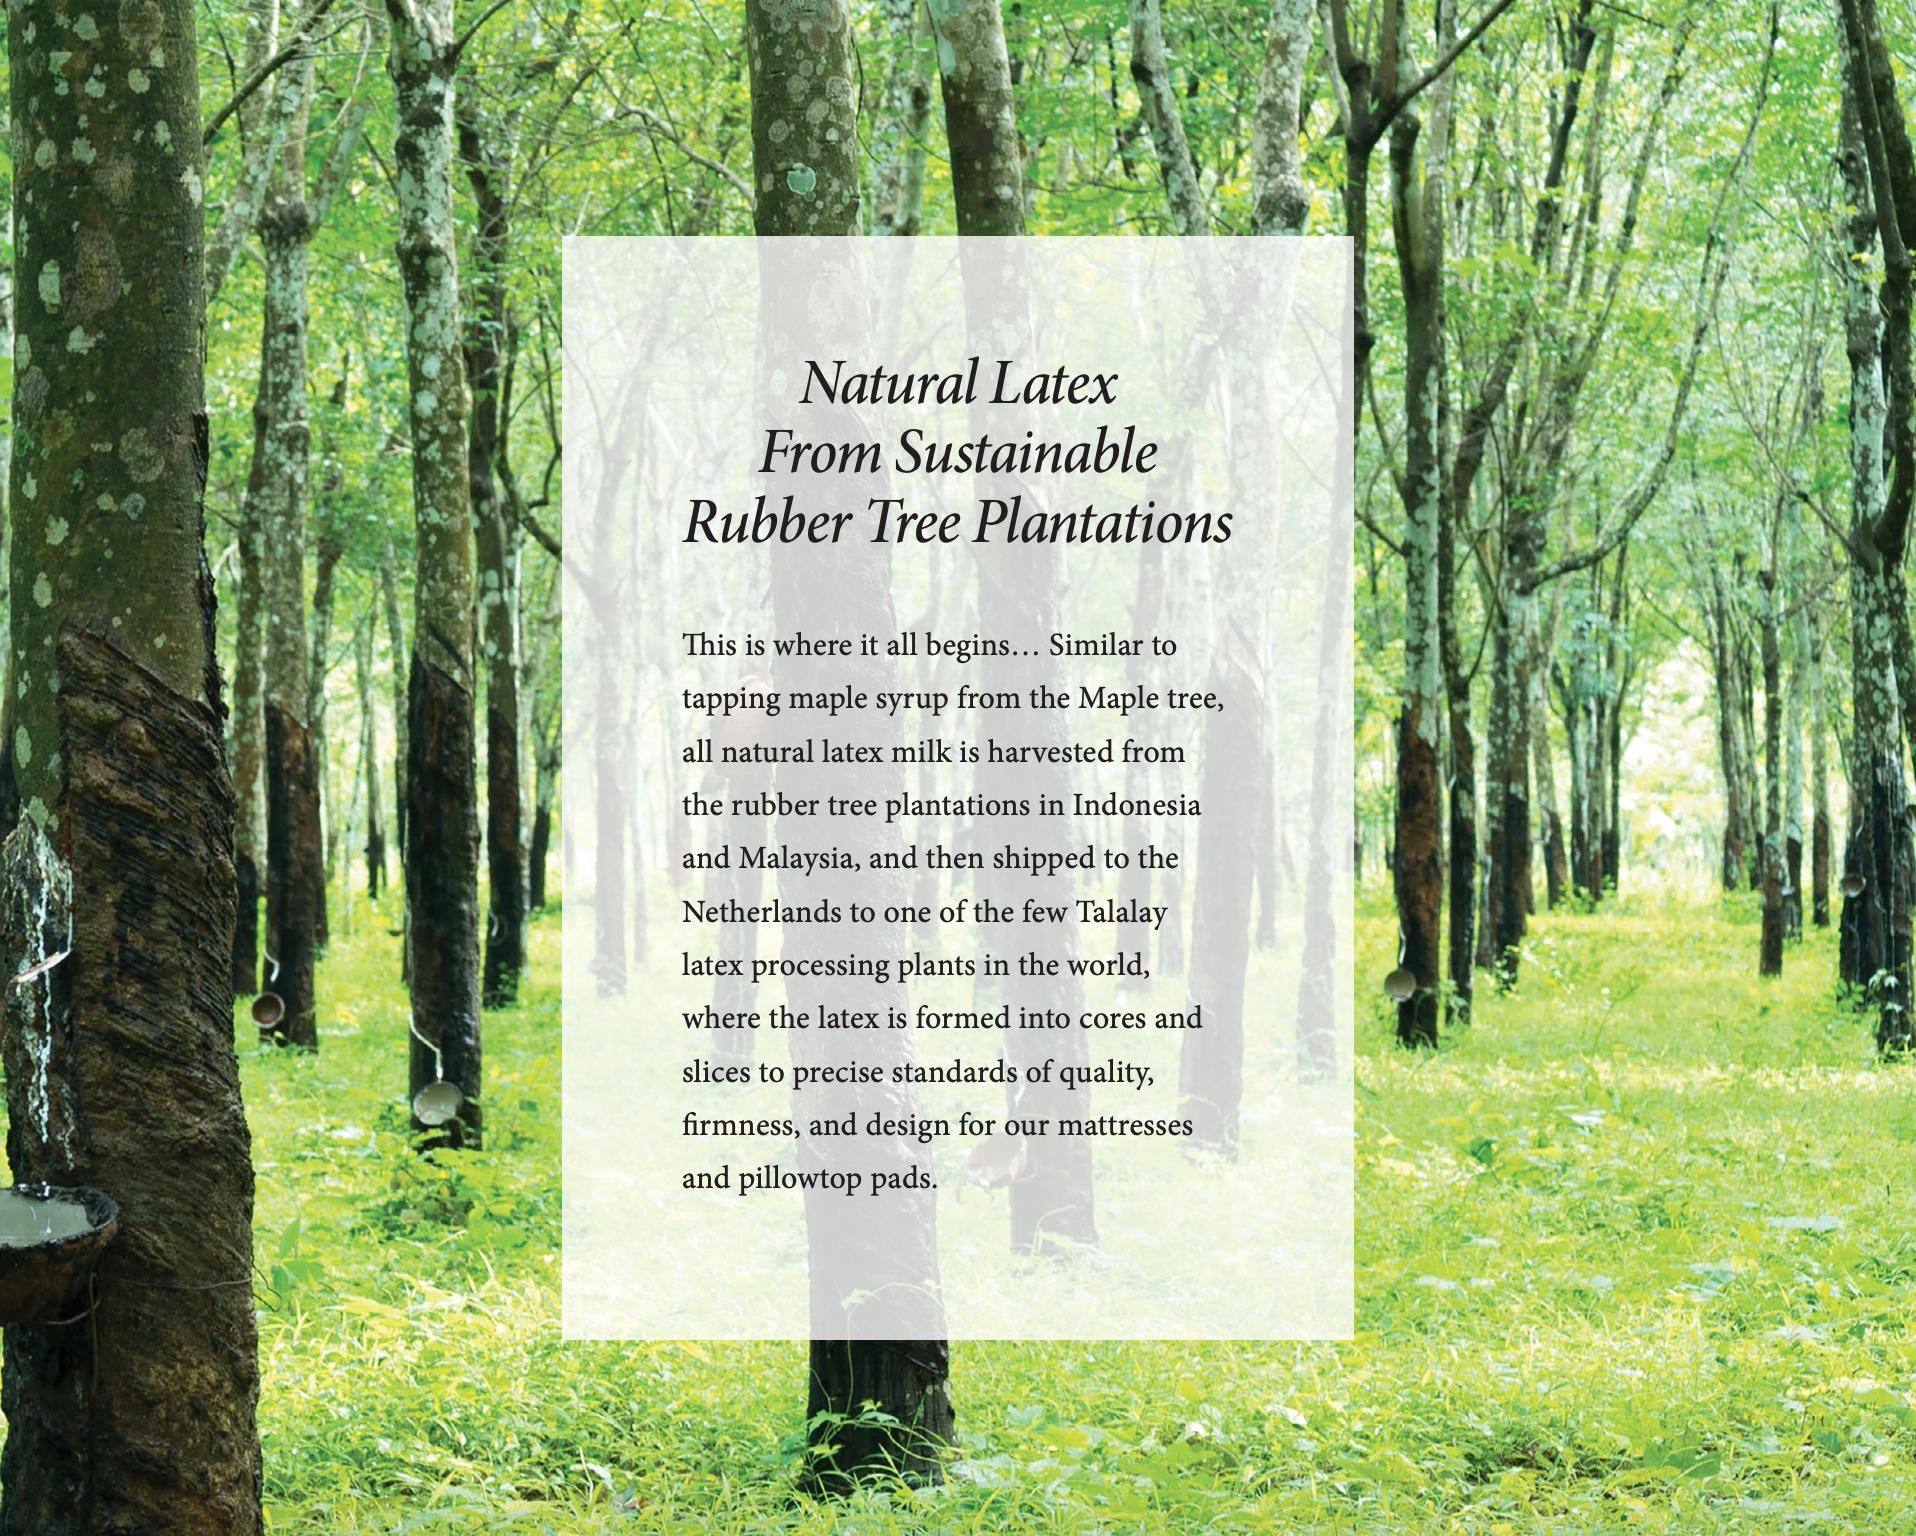 Royal Pedic Natural Latex